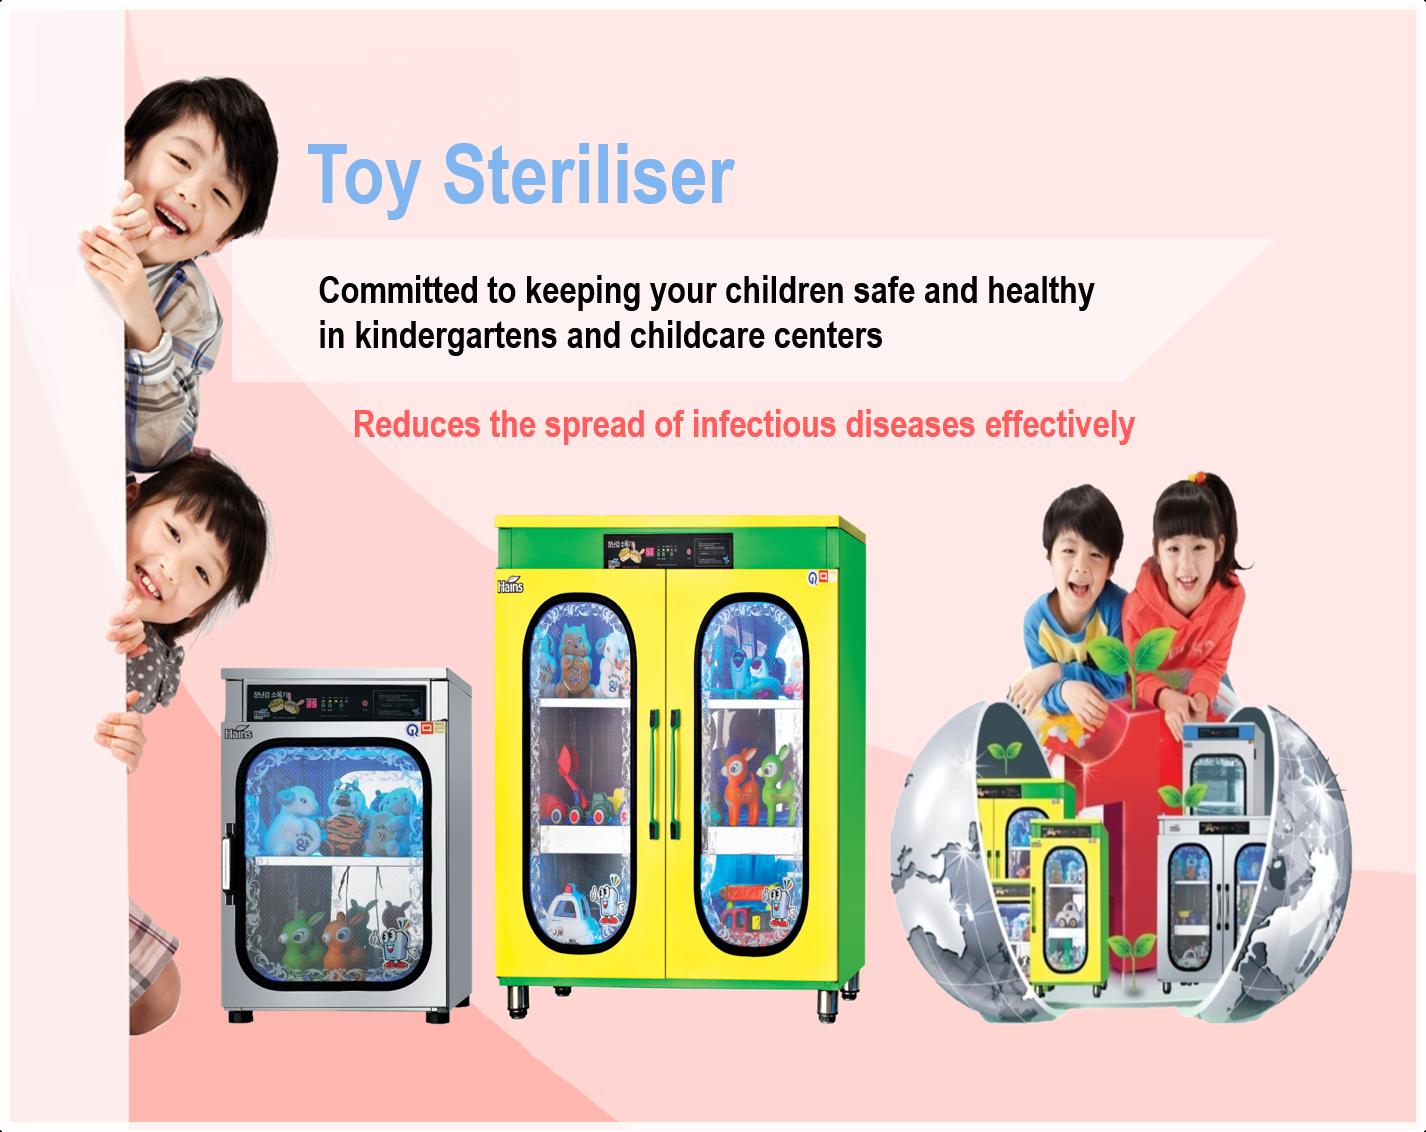 Toy Steriliser